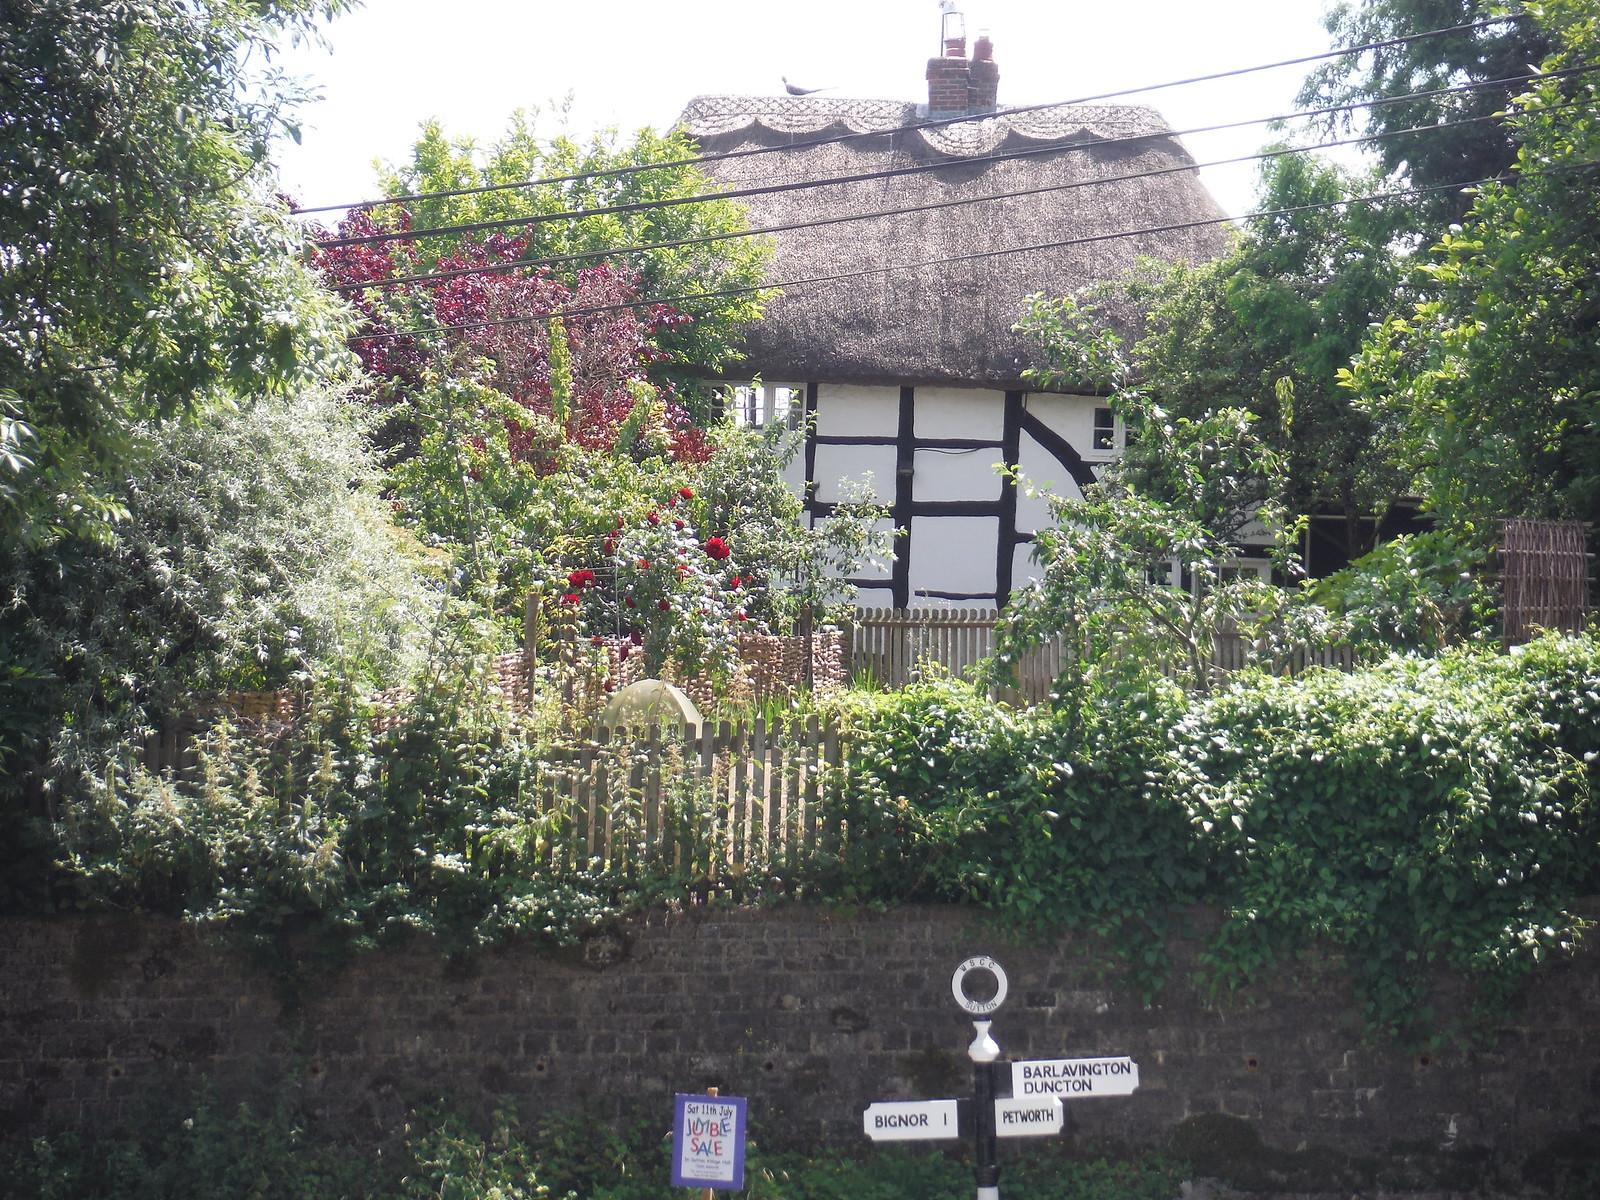 House in Sutton SWC Walk 217 Midhurst Way: Arundel to Midhurst